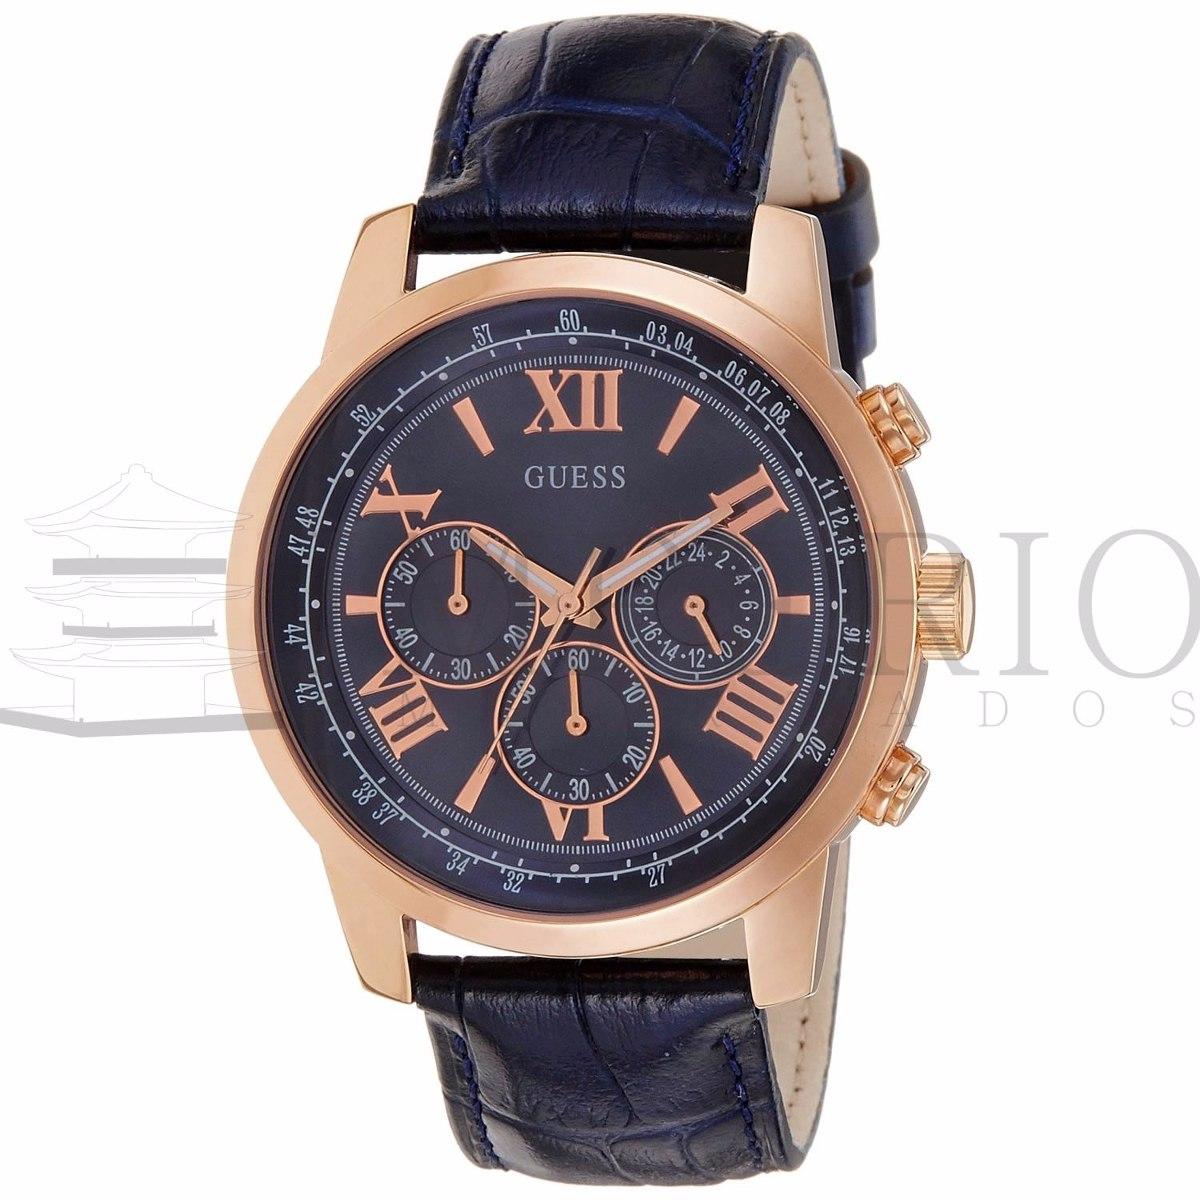 acfd43f6ace relógio guess w0380g5 masculino couro azul 100% original. Carregando zoom.